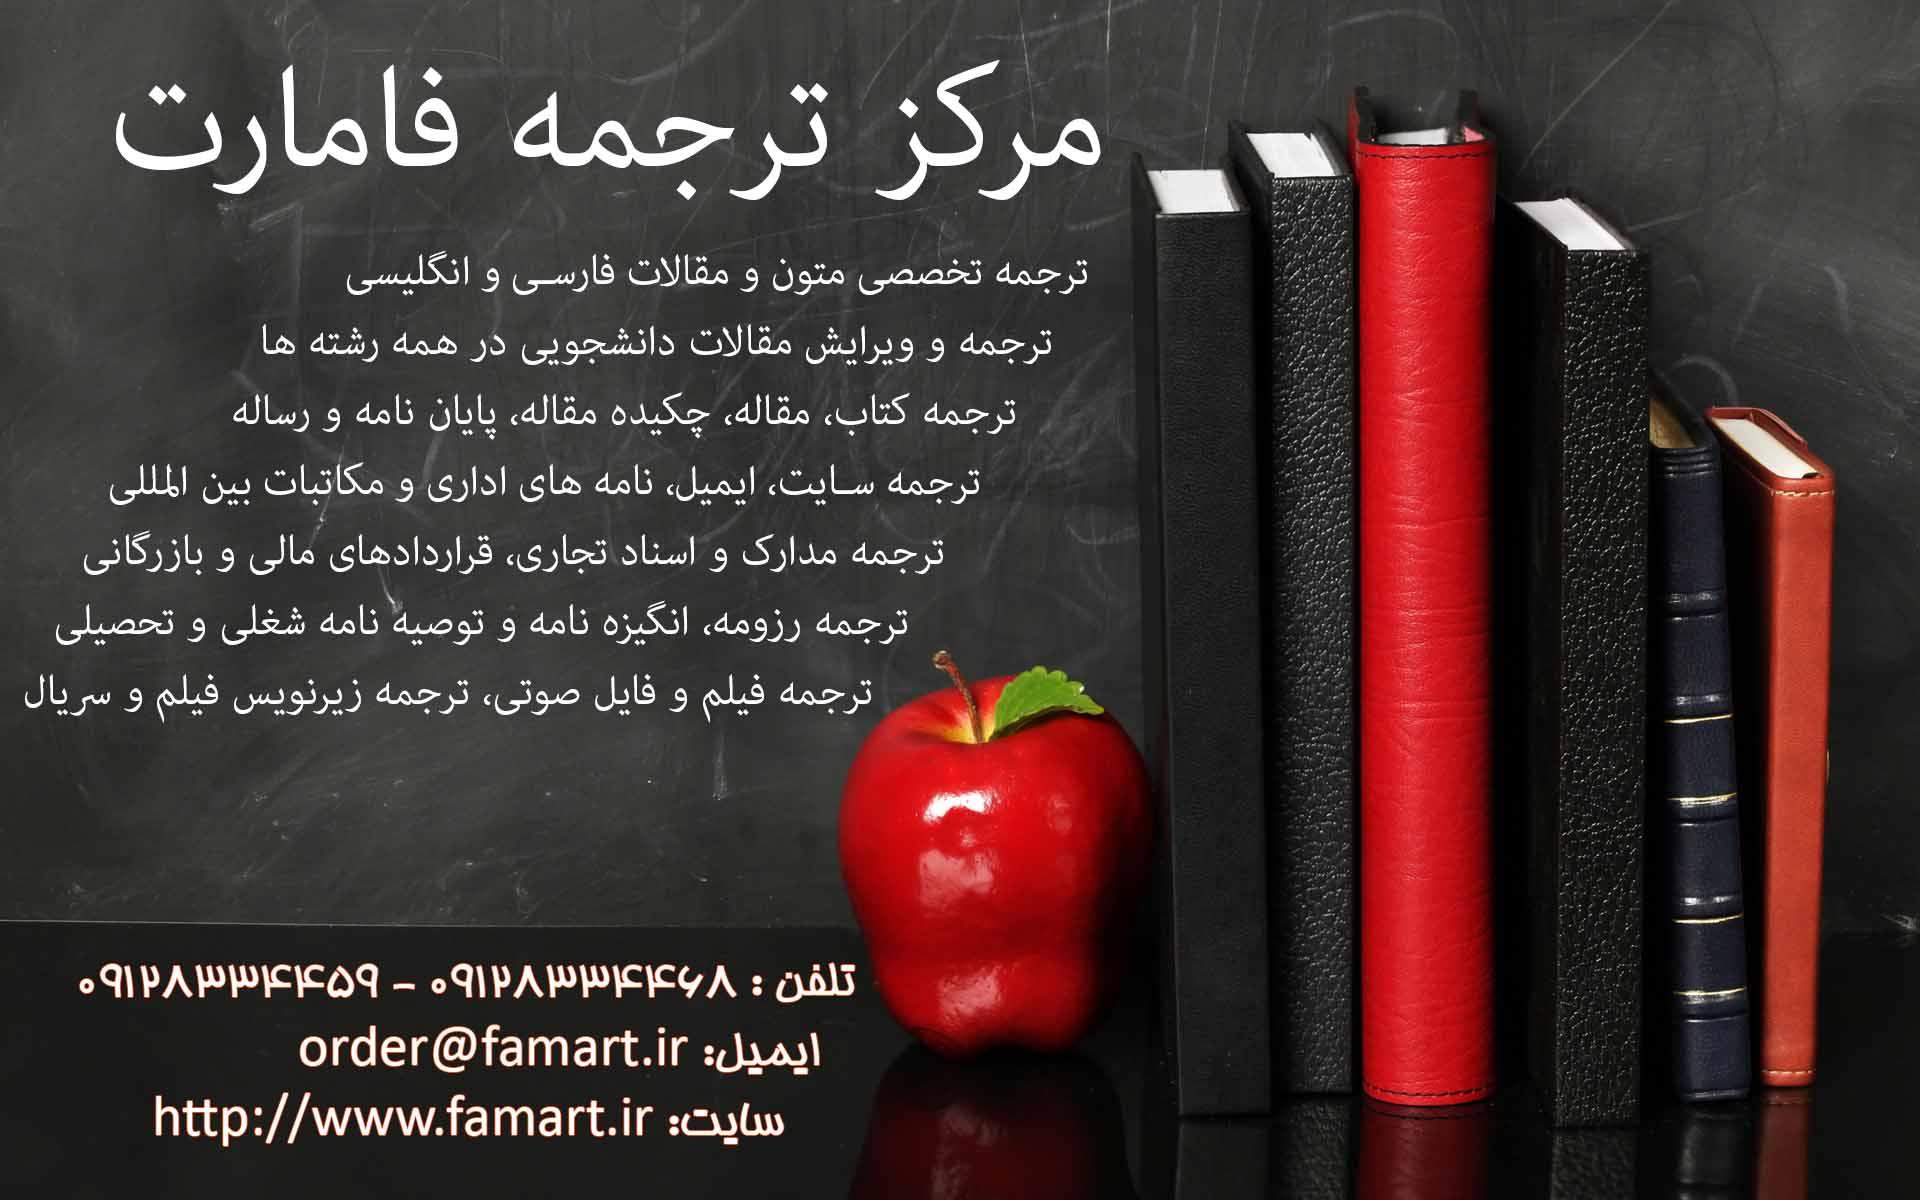 خدمات ترجمه انگلیسی و فارسی مرکز ترجمه فامارت